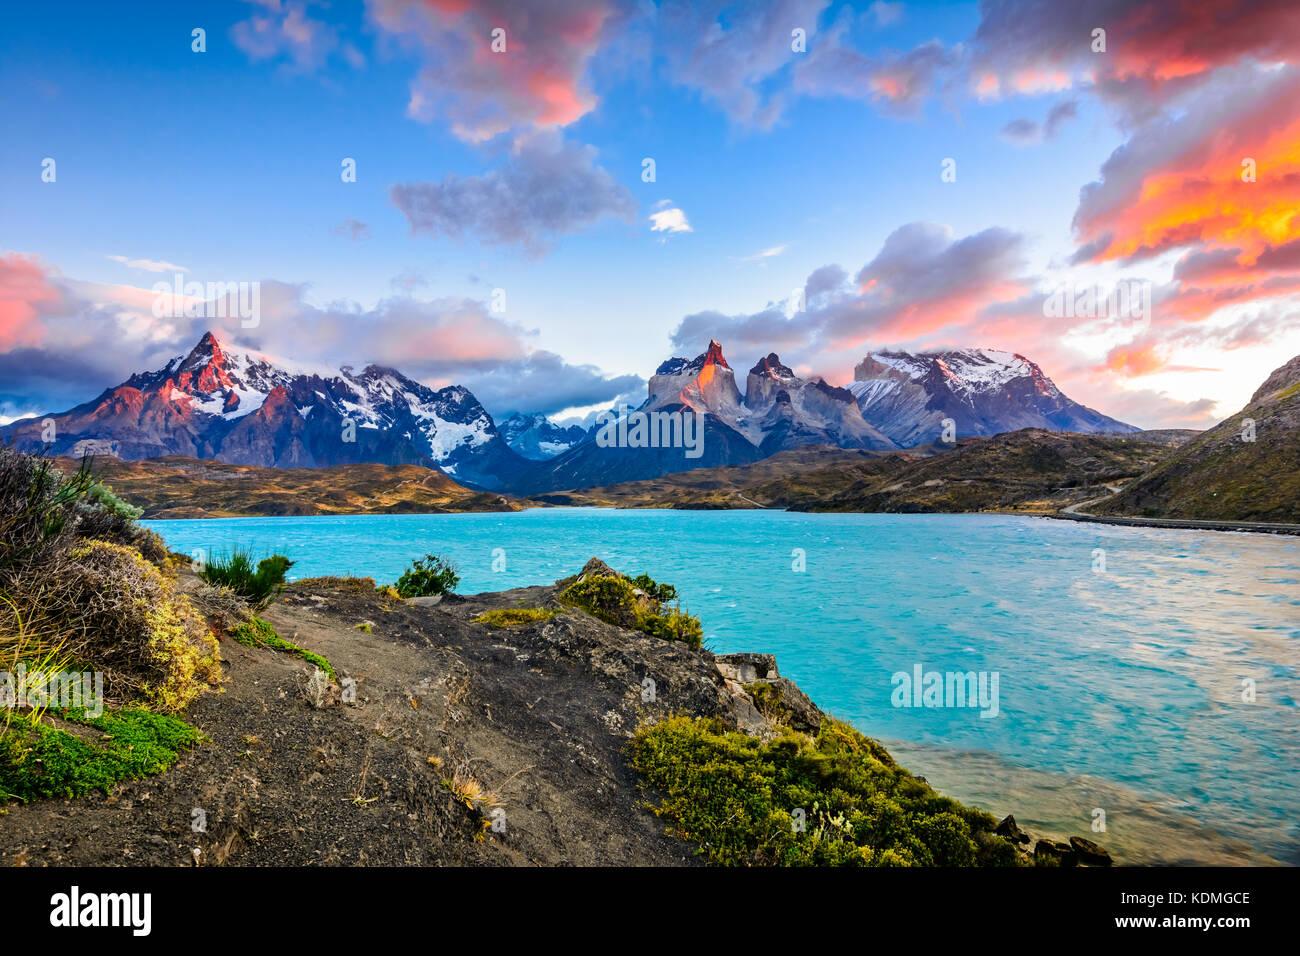 Torres del Paine au lac Pehoé, Patagonie, Chili - Patagonie du Sud, un champ de Magellanes de l'Amérique Photo Stock